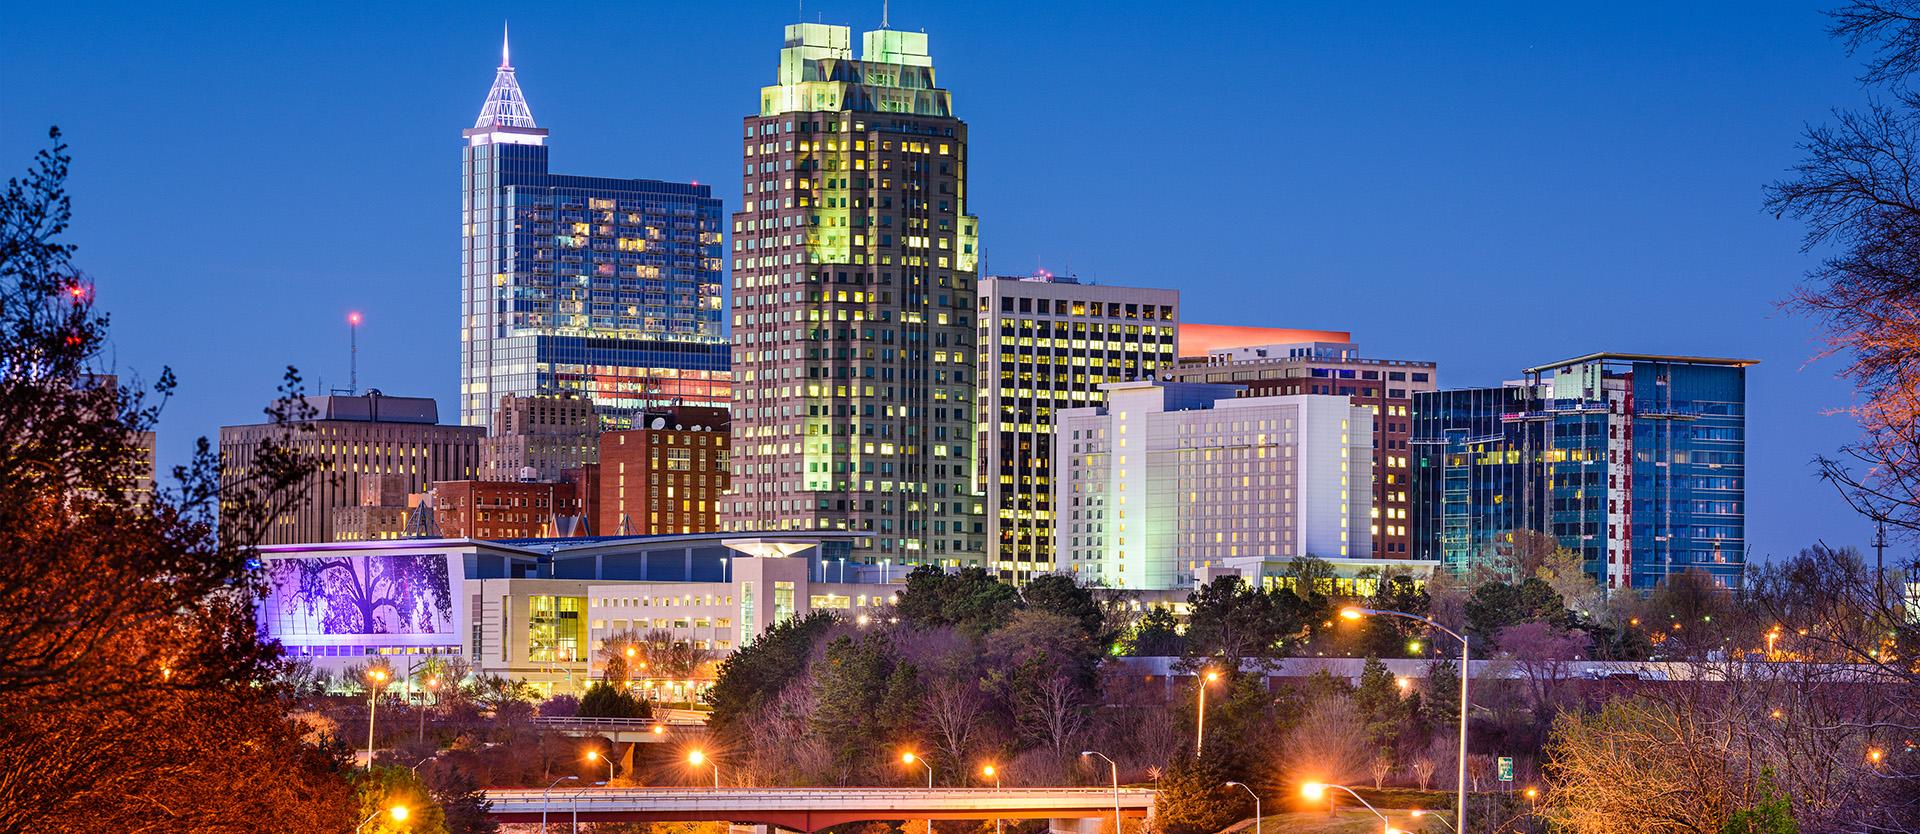 Raleigh/Durham